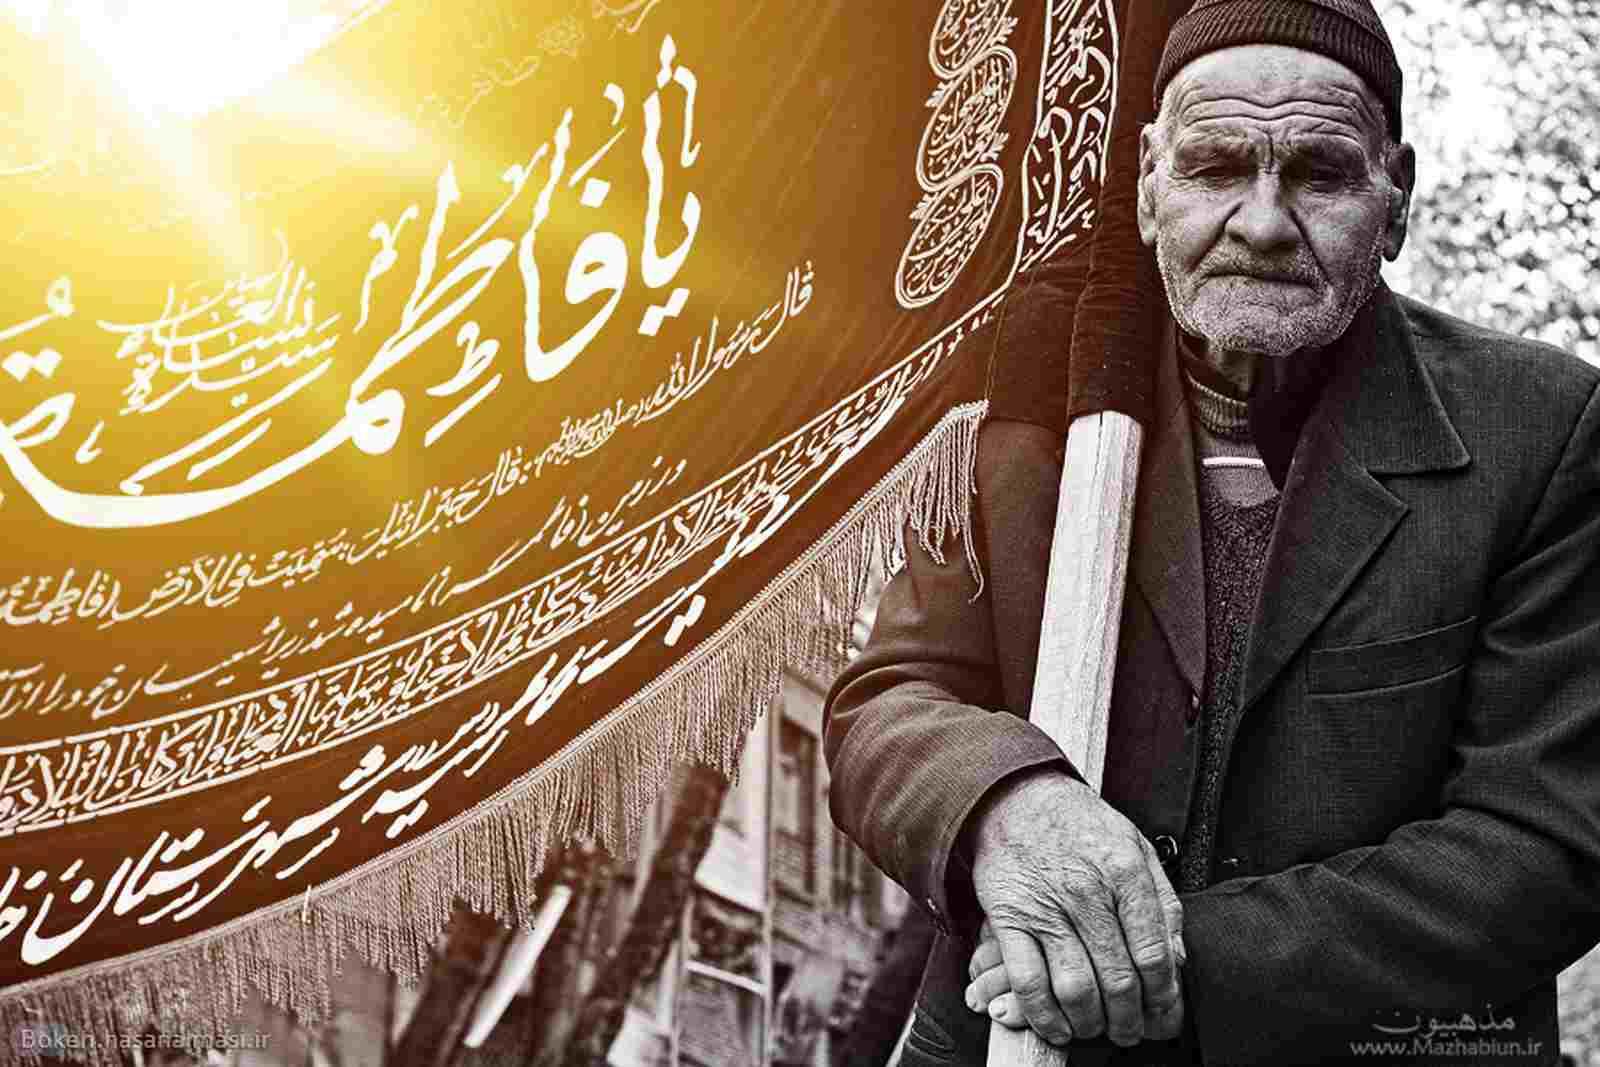 دانلود رایگان عکس های شهادت امام حسین